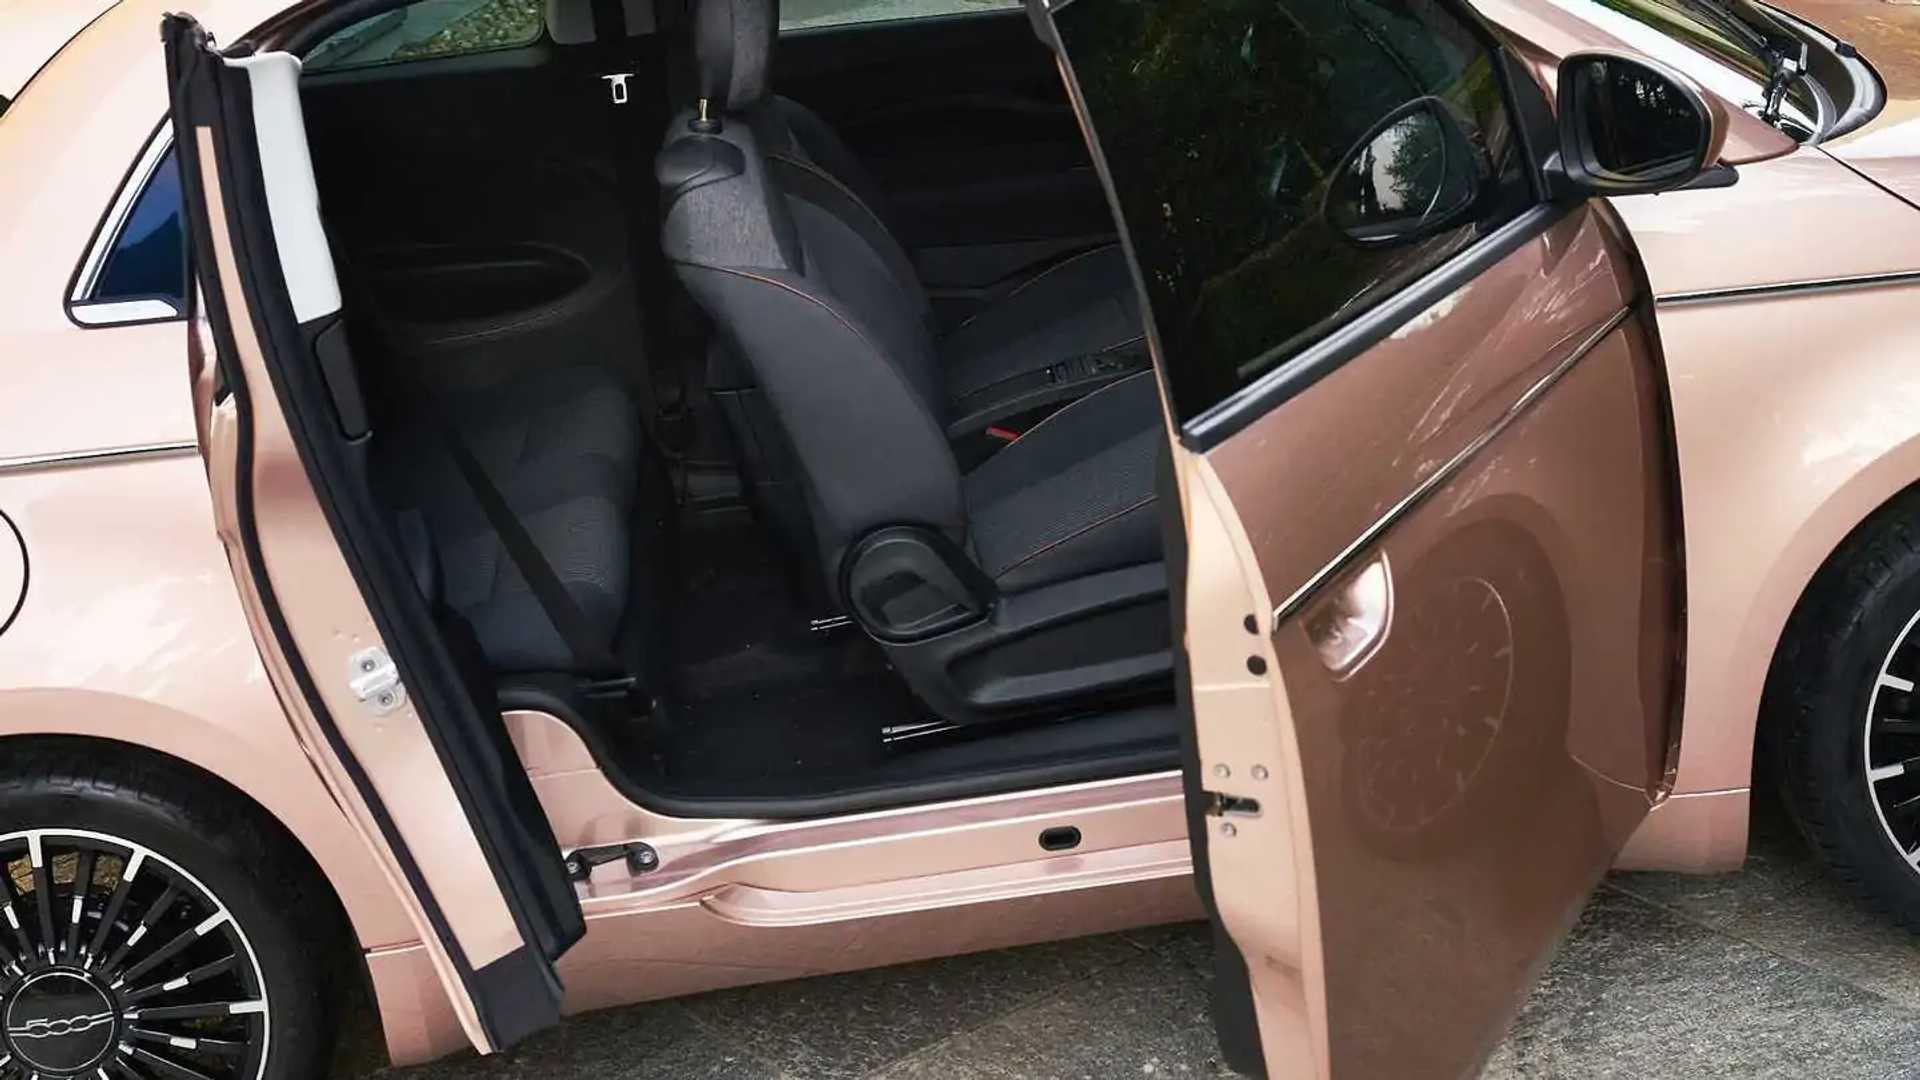 Fiat 500 Eletrico Que Vira Ao Brasil Ganha Versao 3 Portas Veja Fotos